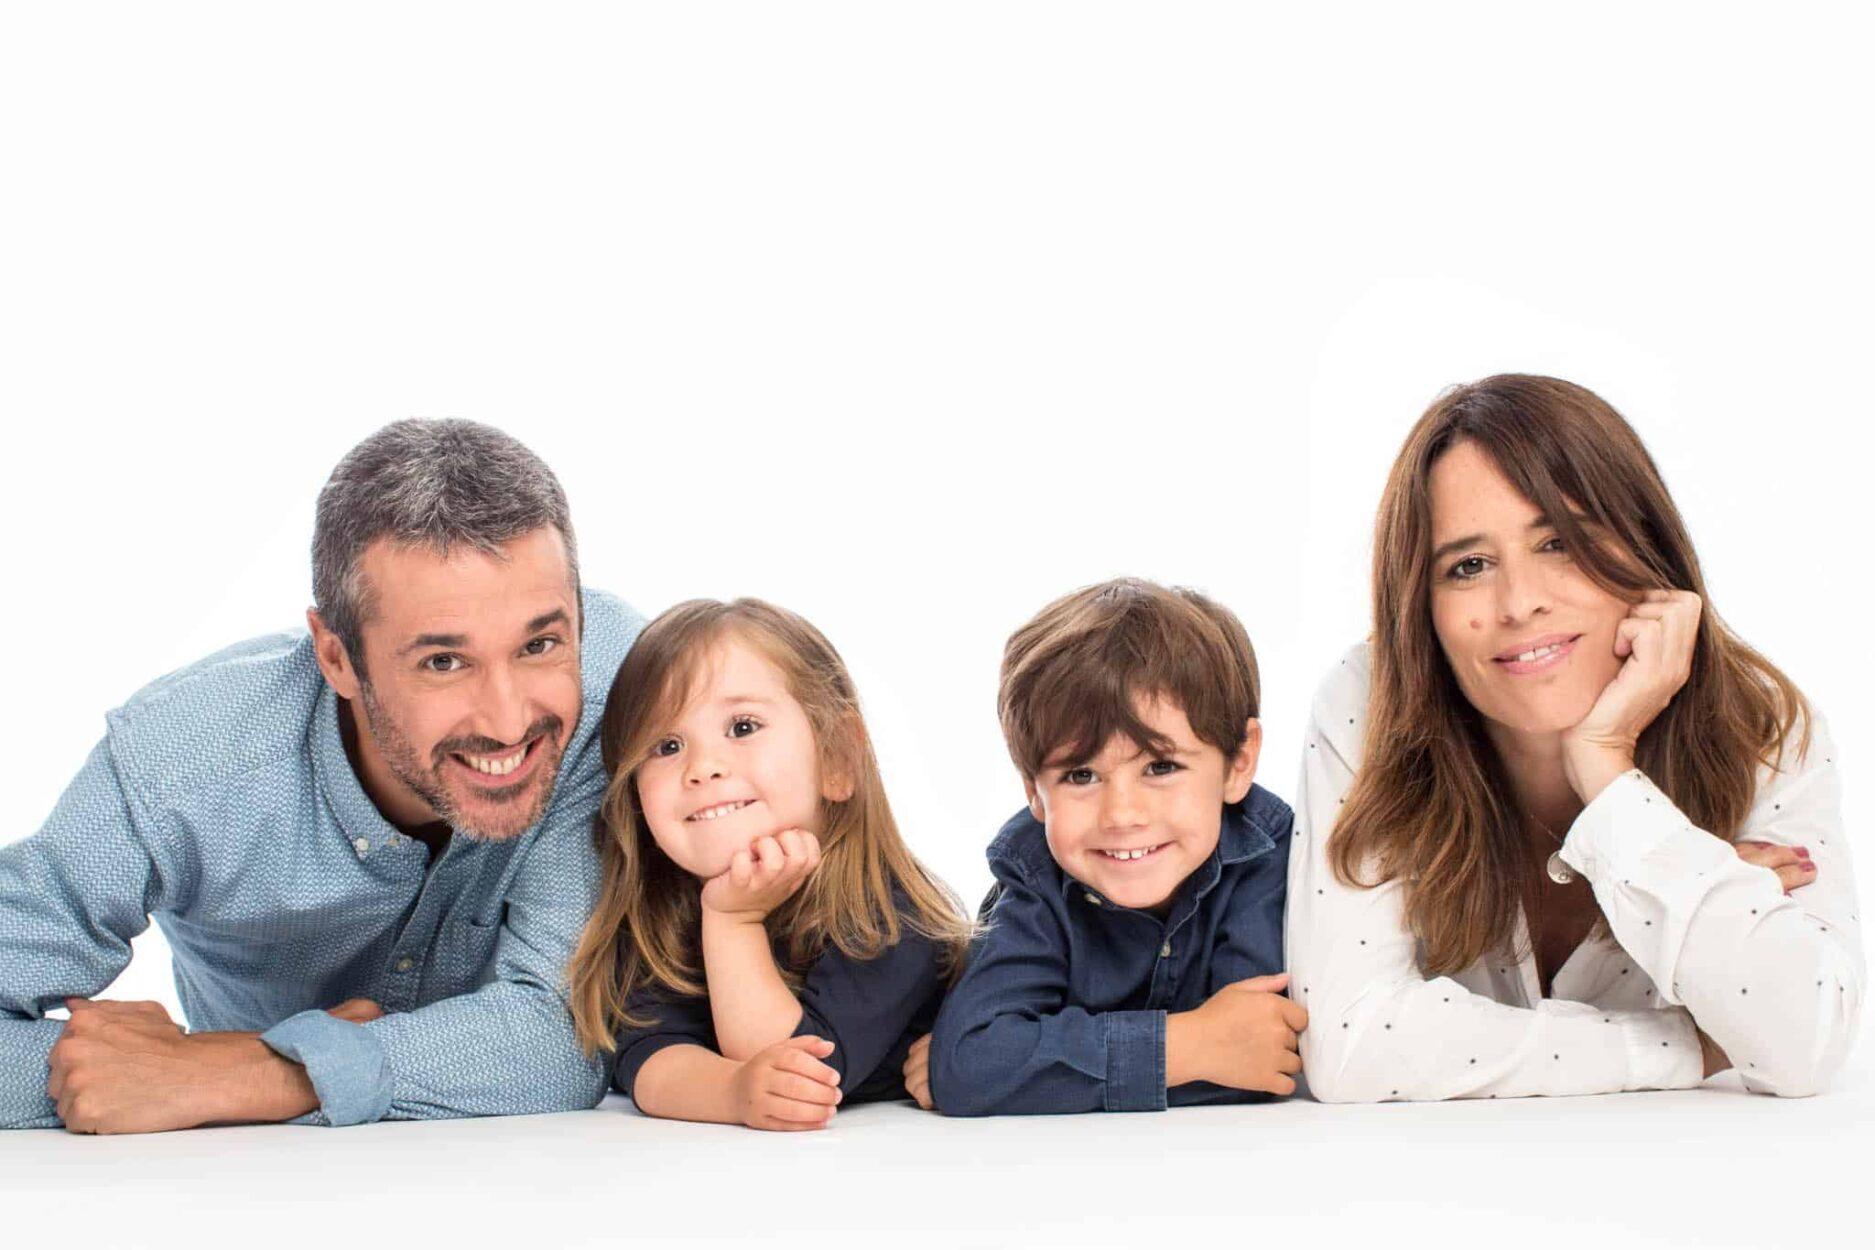 sesiones-familiares-nicoletalupuagency (16 of 83)